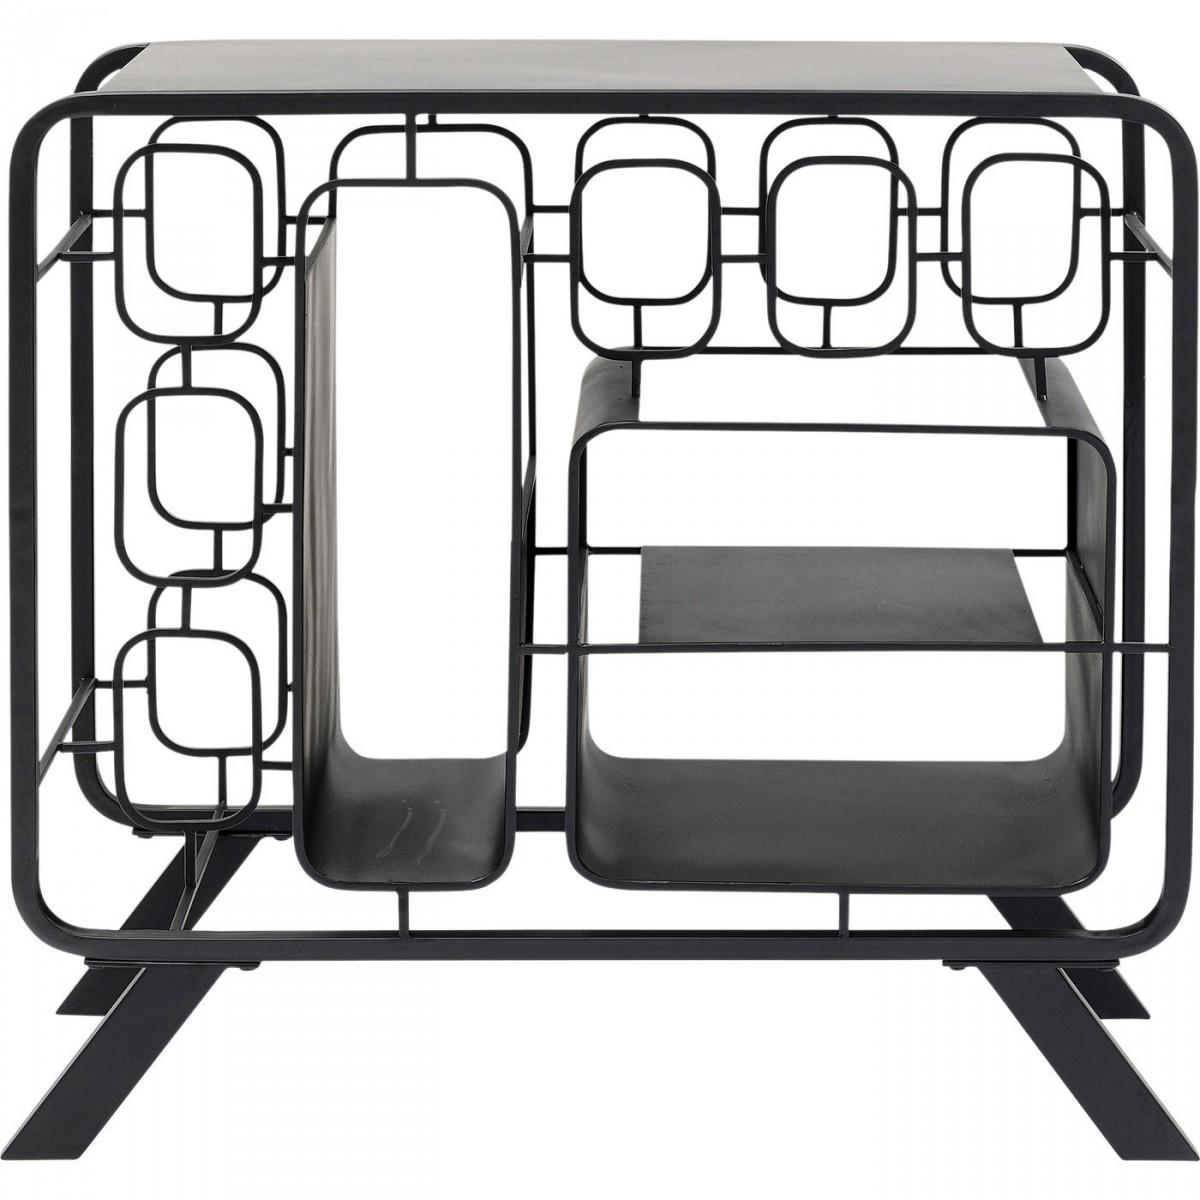 Kare design rektangulær shapes vinreol - sort stål (h69cm) fra kare design på boboonline.dk